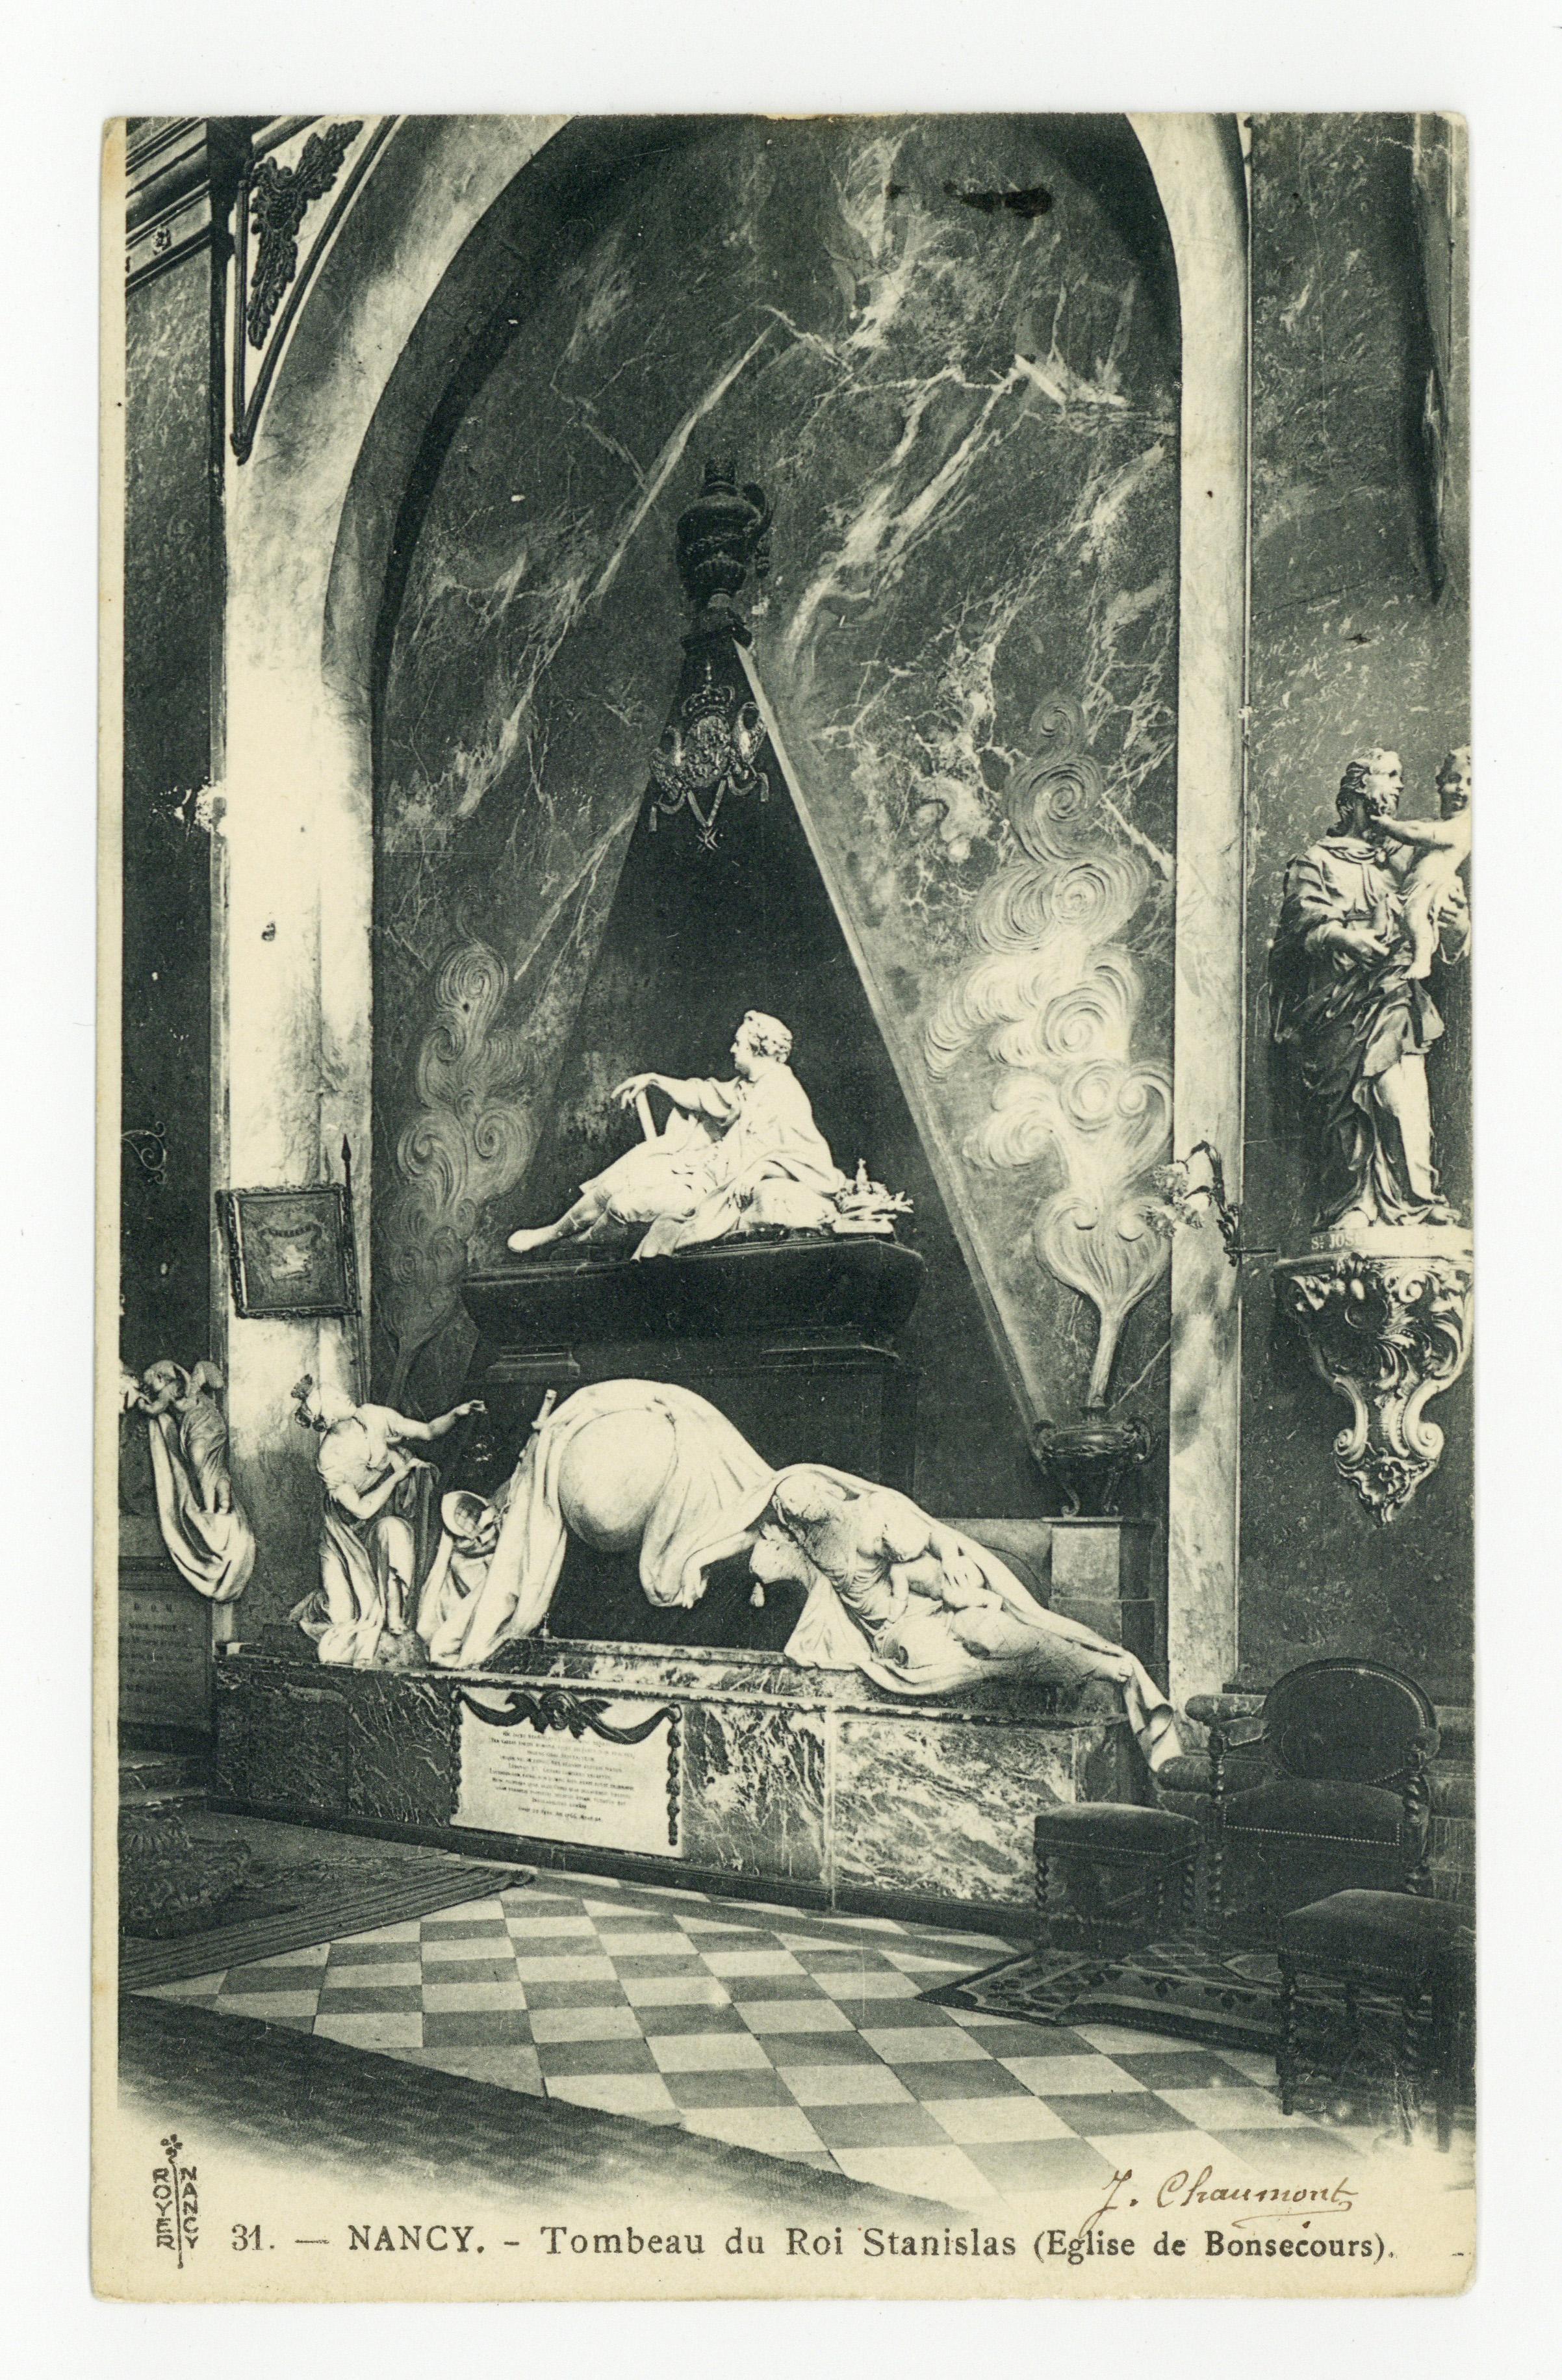 Contenu du Nancy : tombeau du Roi Stanislas (Église de Bonsecours)